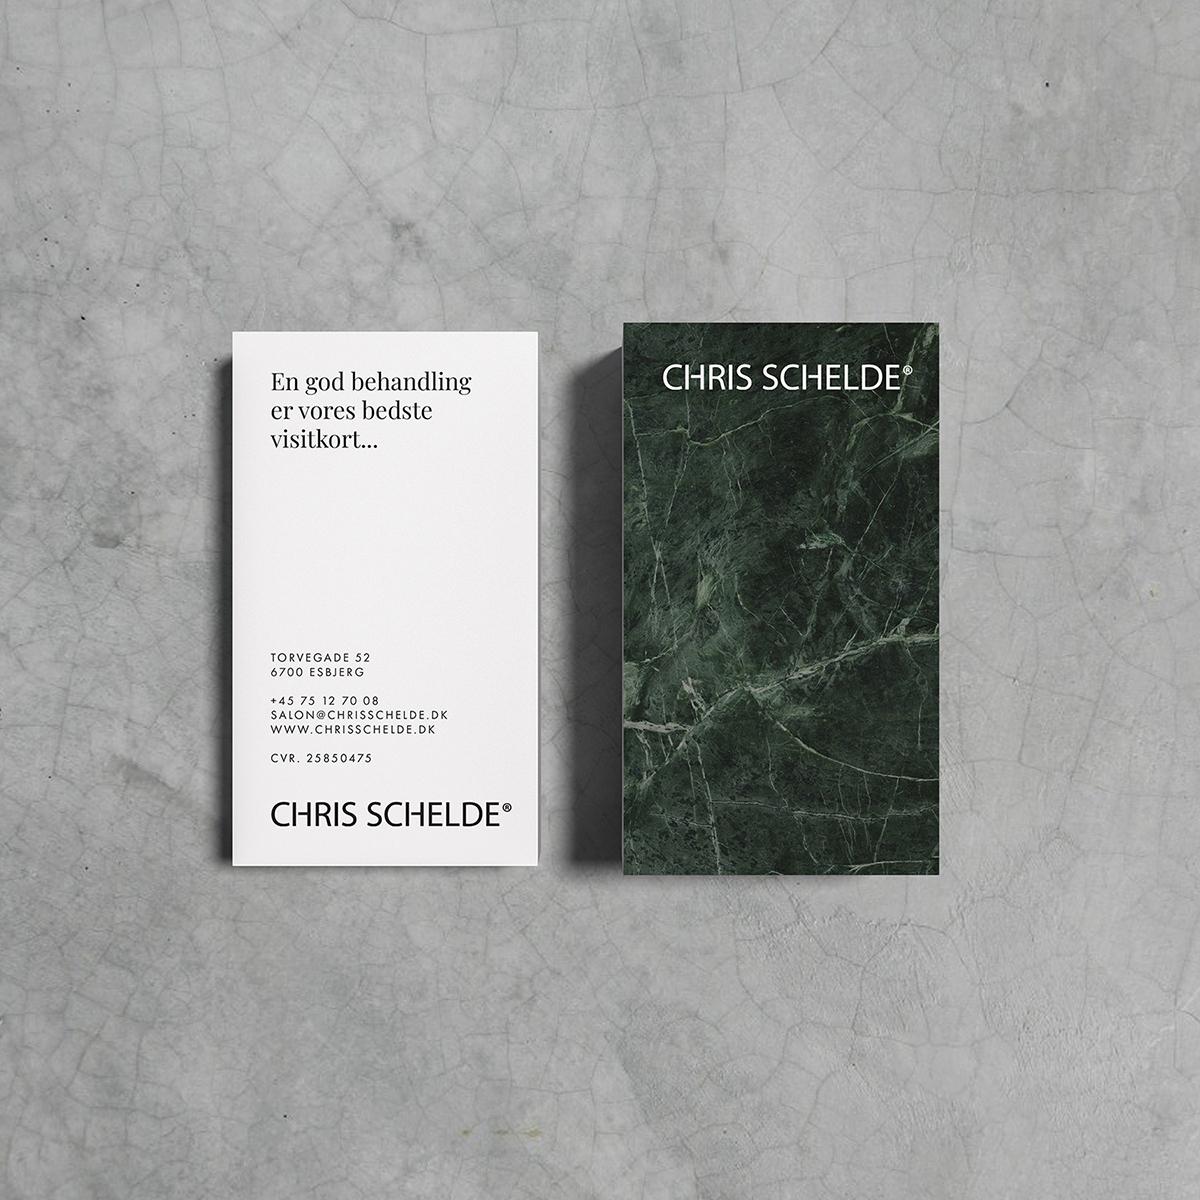 Ny identitet for Chris Schelde